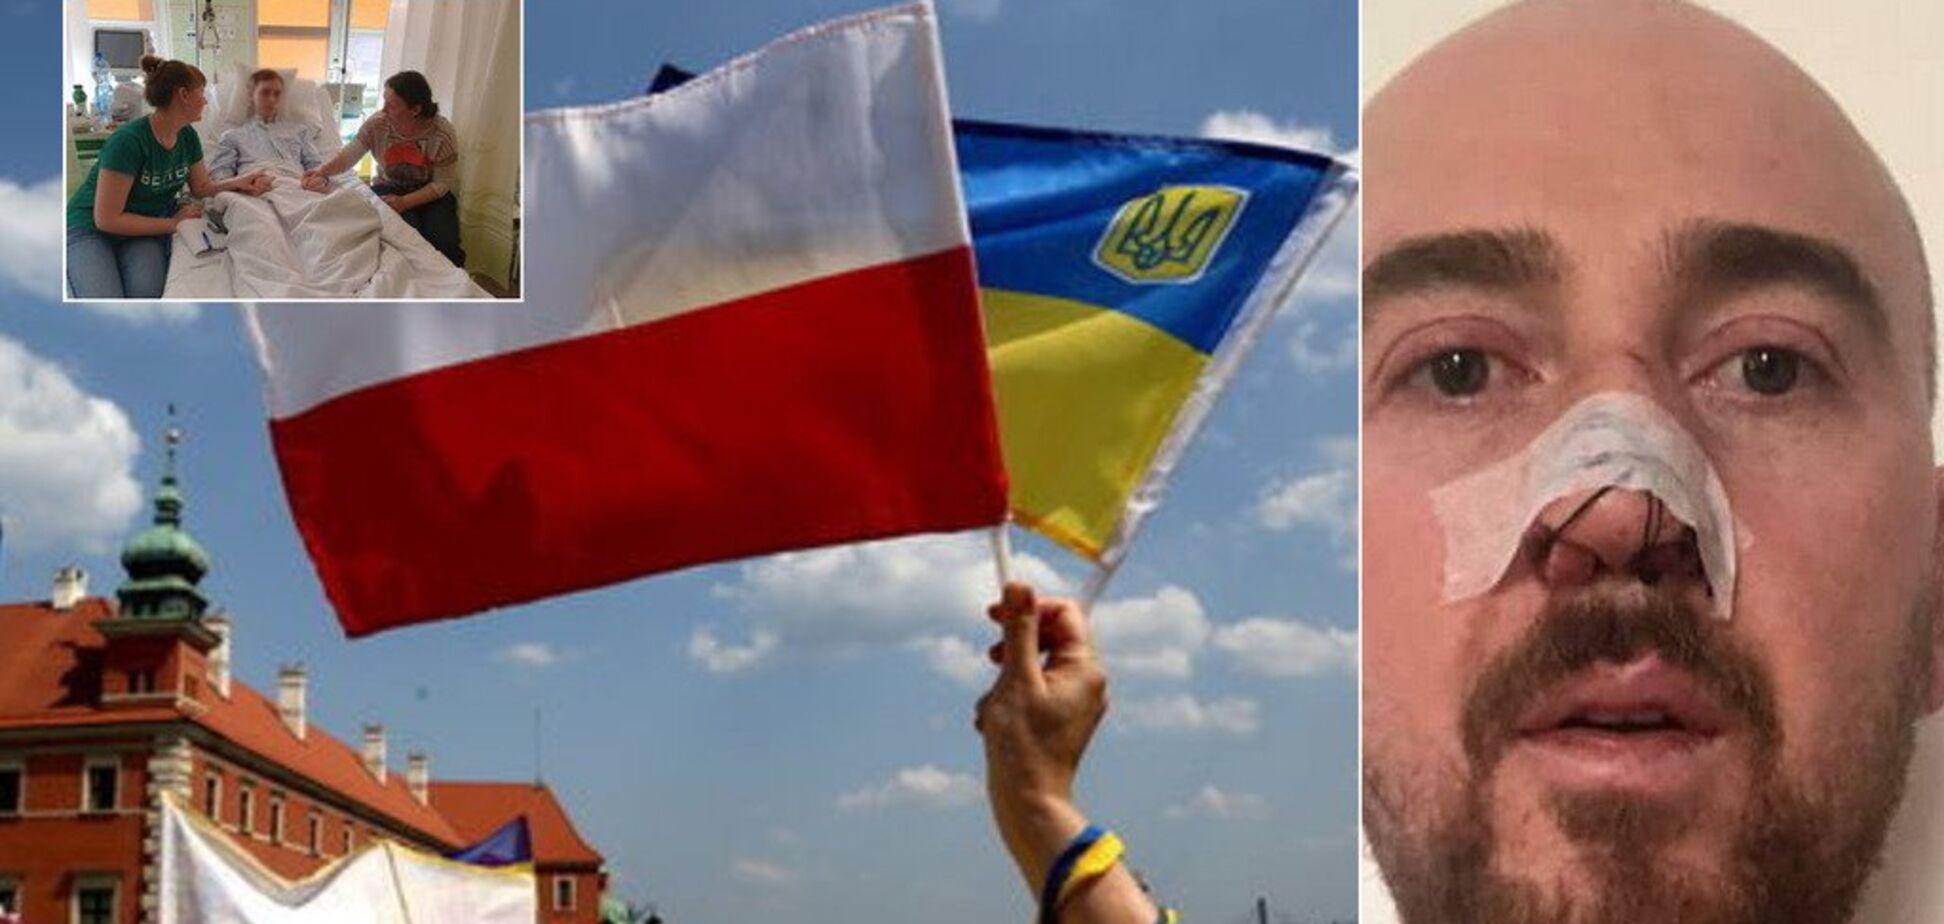 Б'ють, звільняють і не платять: як страждають українські заробітчани у Польщі